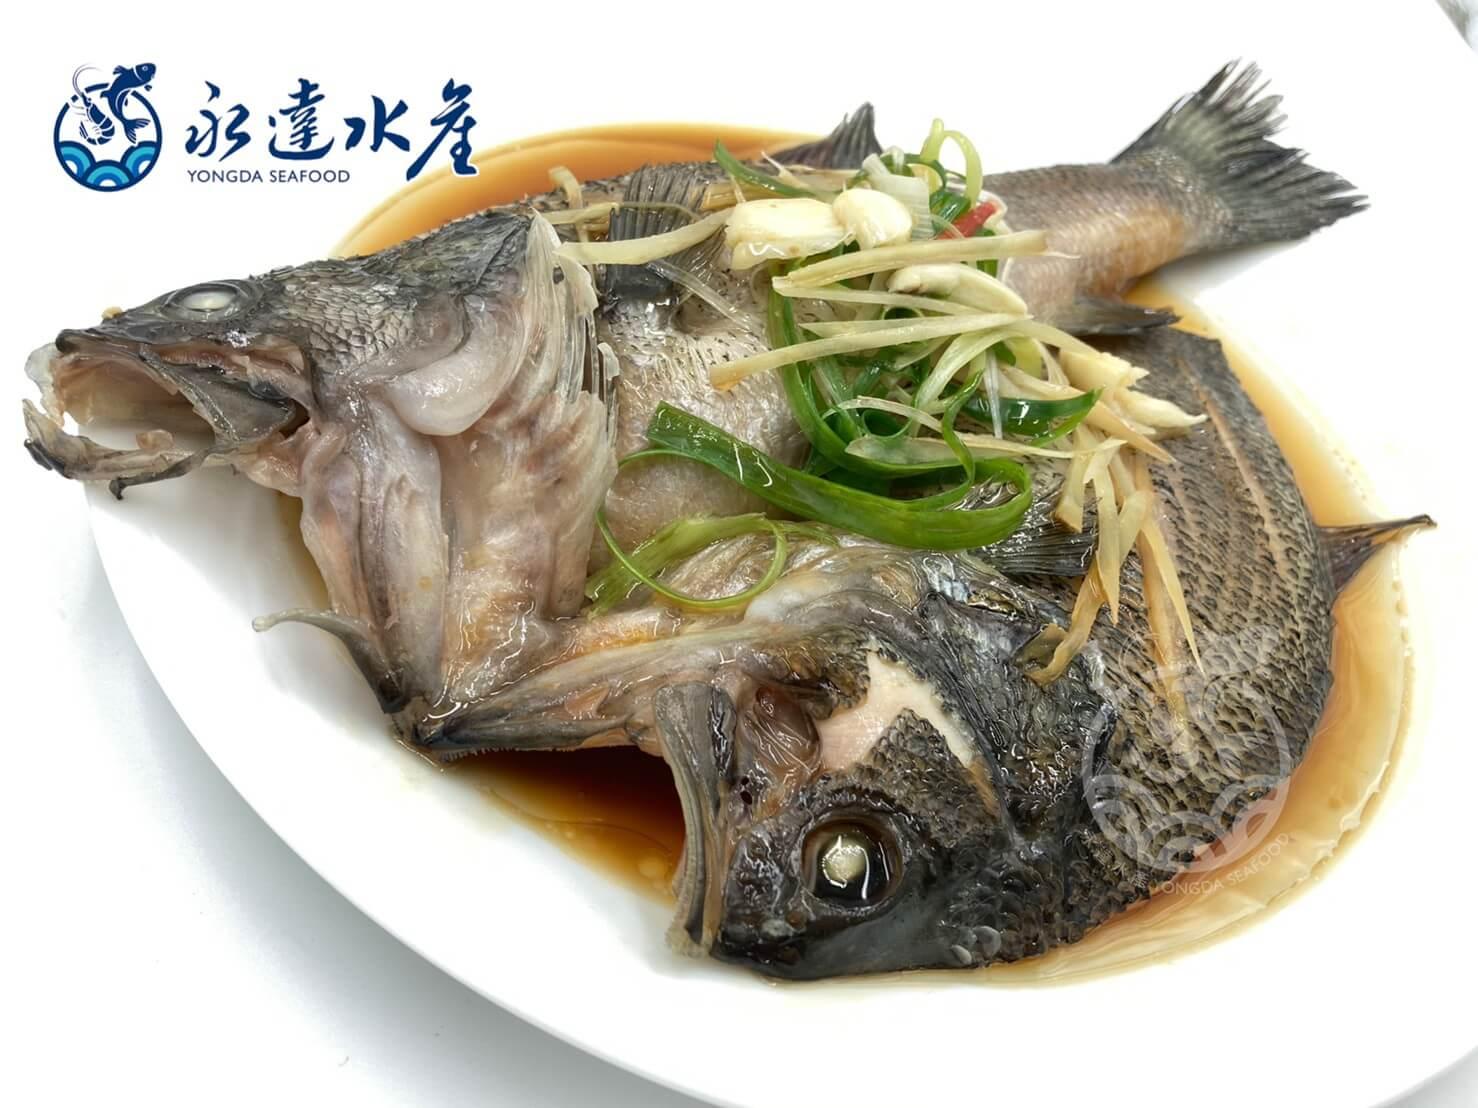 水產|海鮮|山泉鱸魚|鱸魚|花鱸|七星鱸|寨花|魚肉|魚